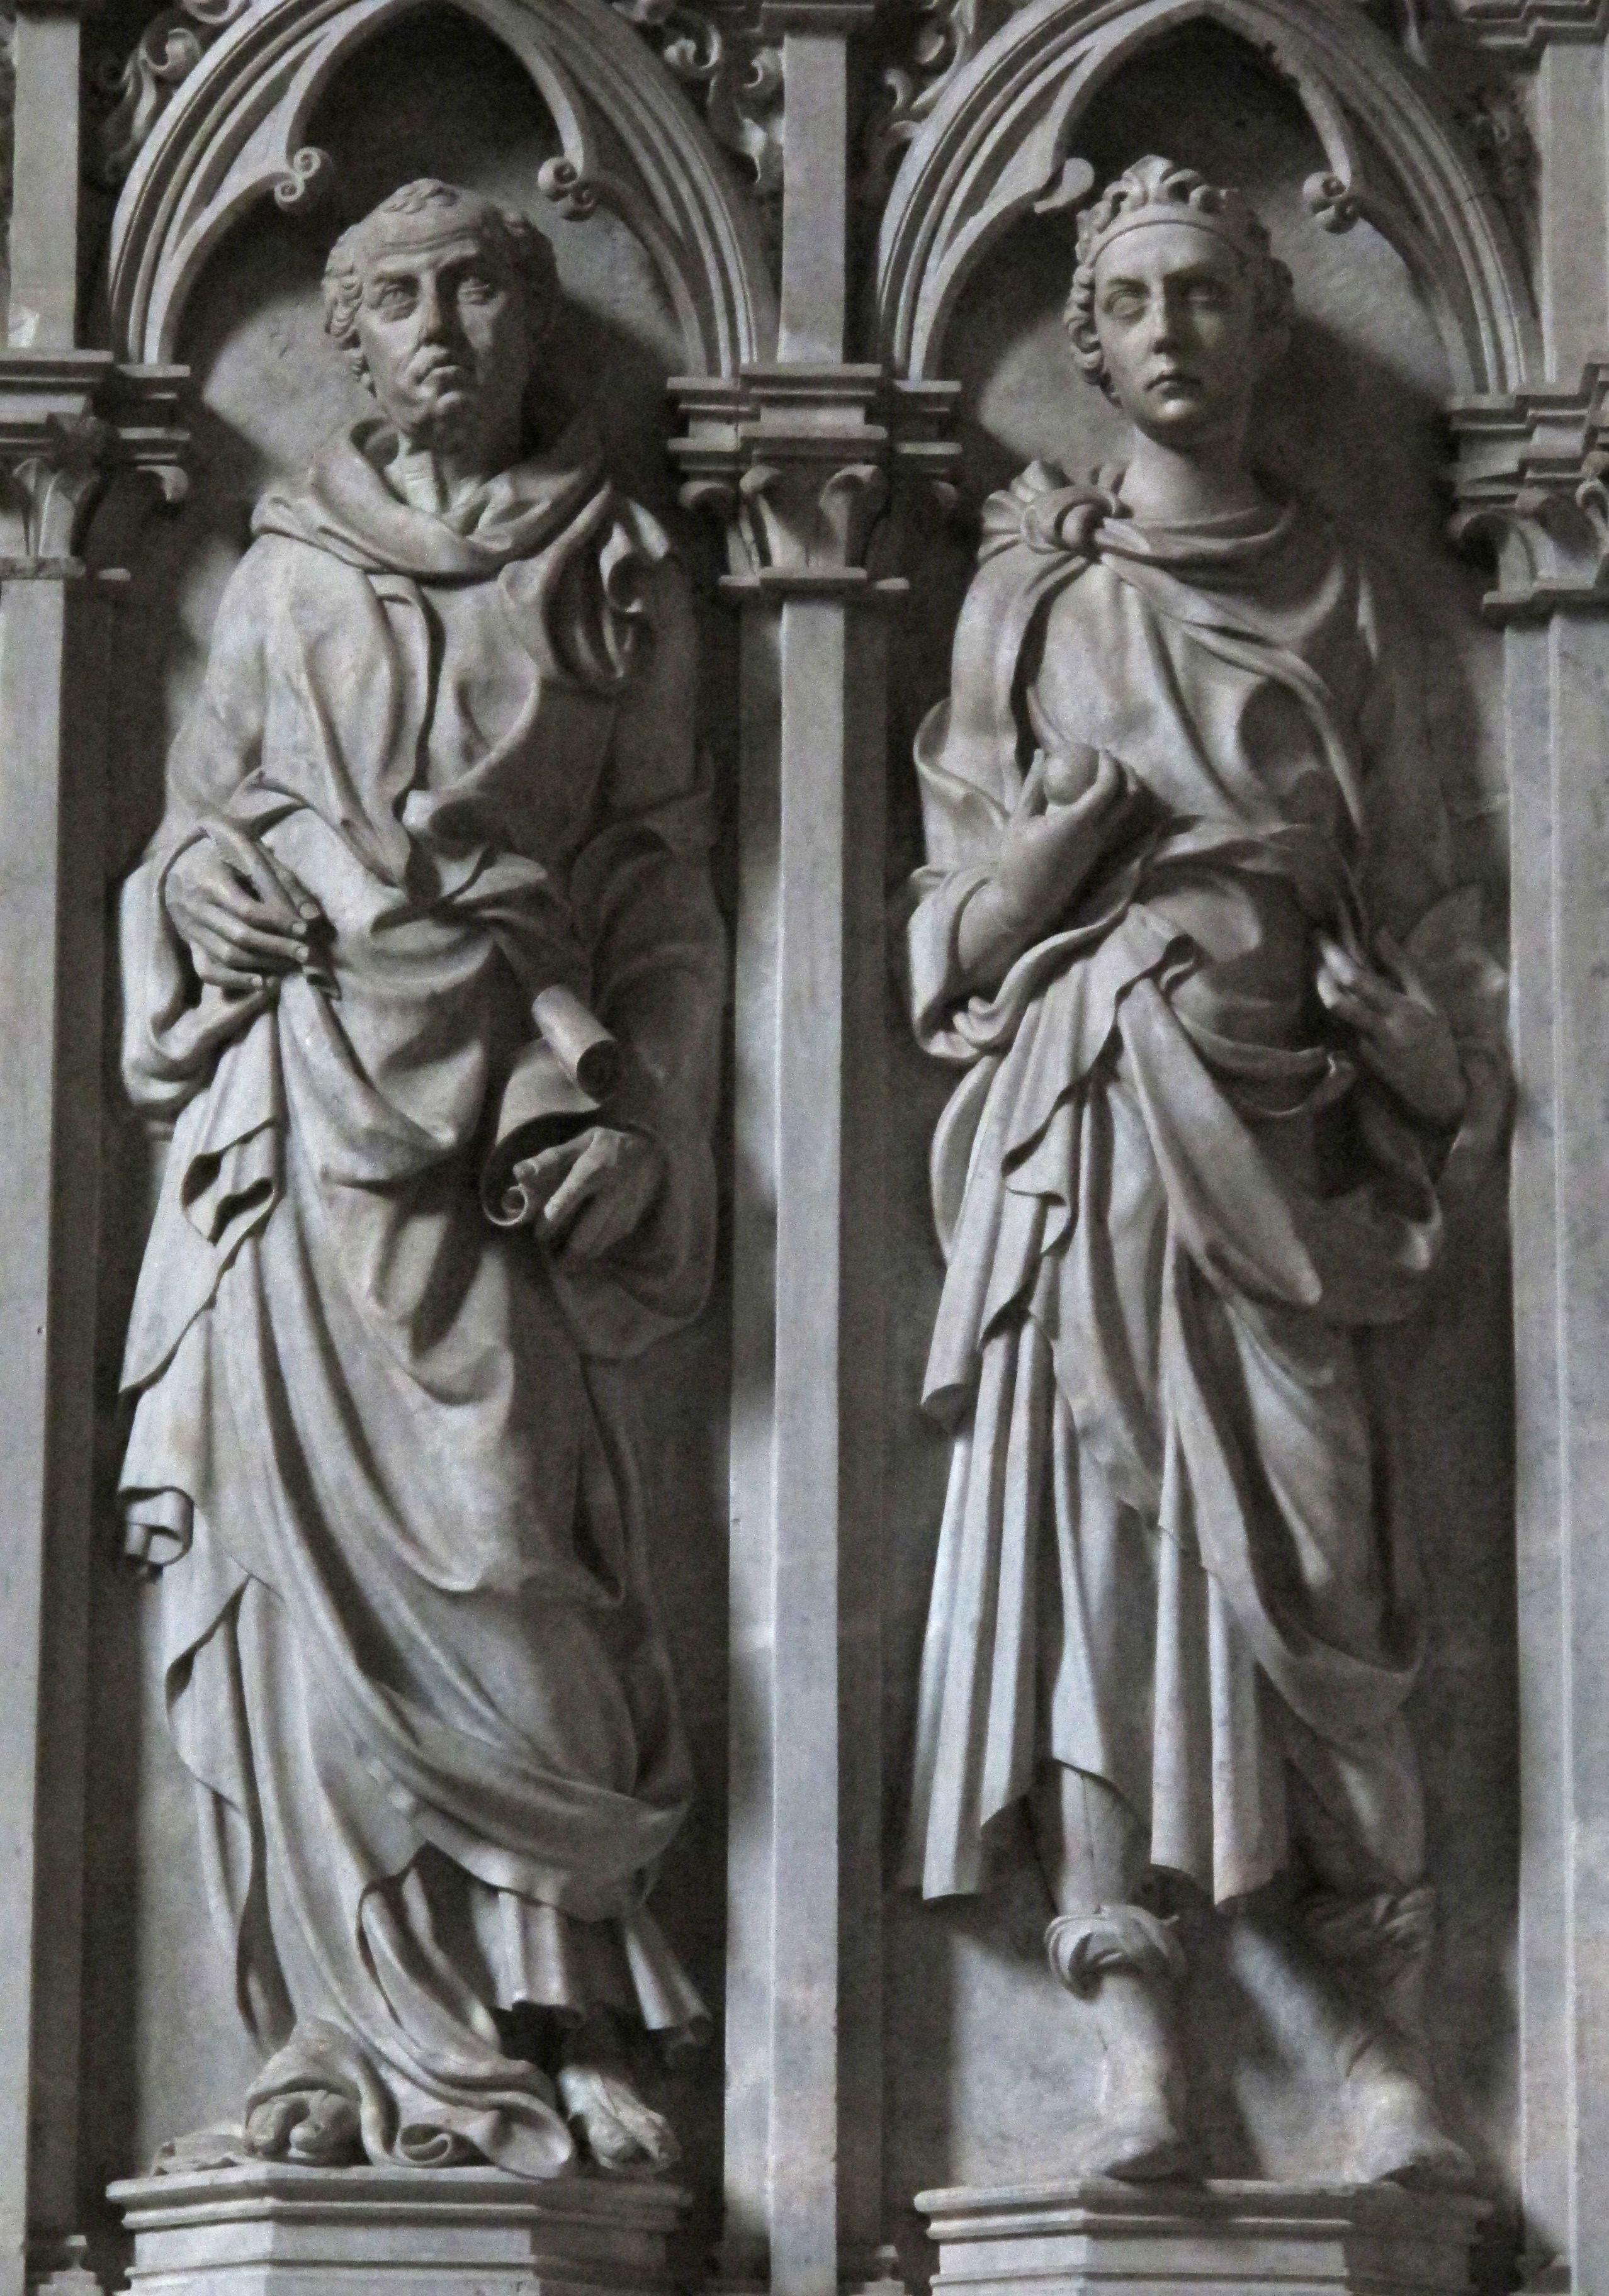 https://upload.wikimedia.org/wikipedia/commons/1/1d/Jacopo_della_quercia%2C_polittico_trenta%2C_1422%2C_07_santi_con_aiuto_di_jacopo_da_imola.JPG